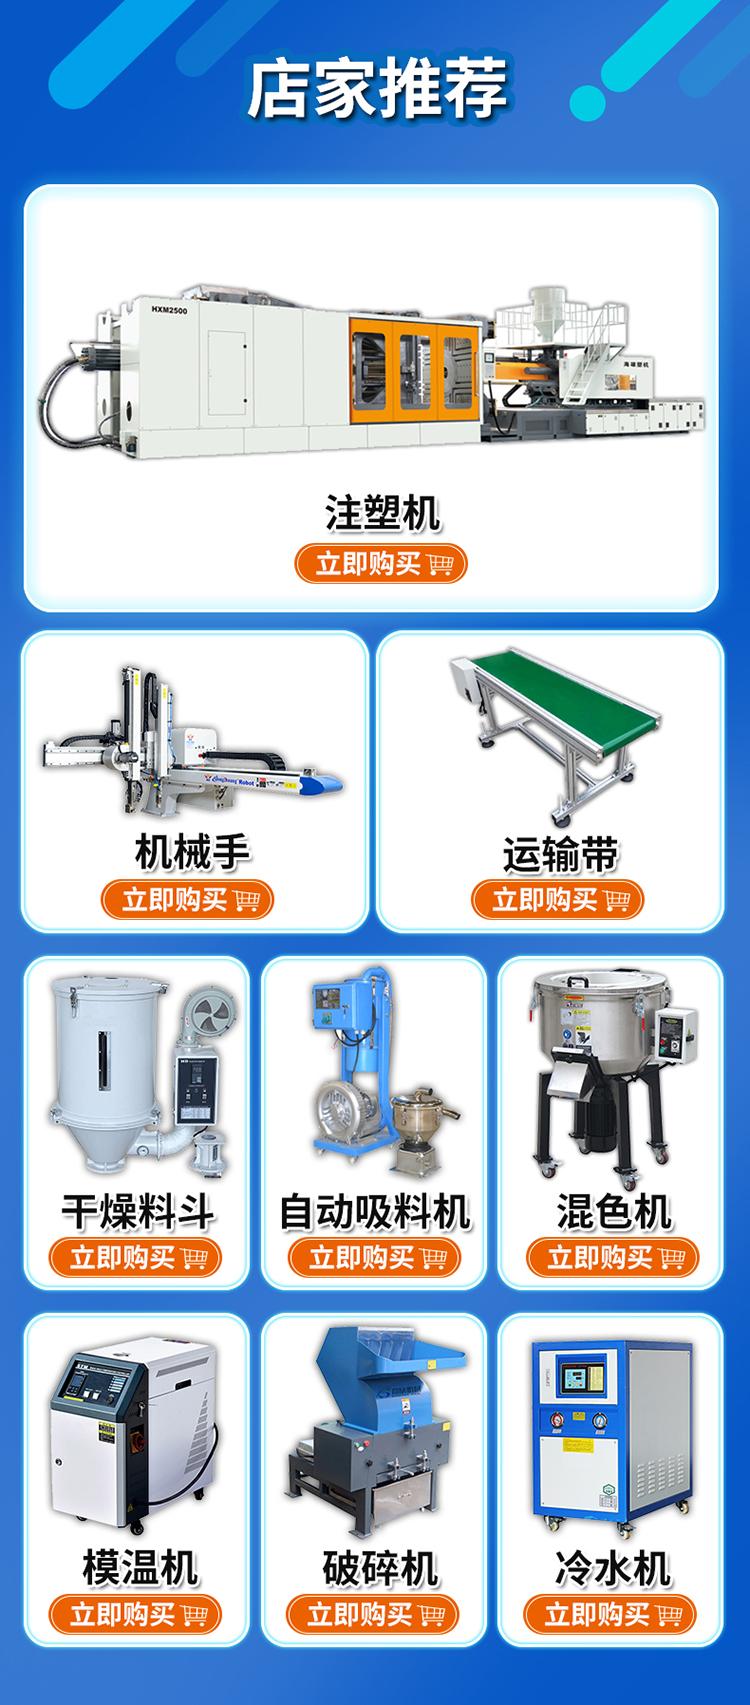 海雄厂家,伺服节能型,日用品注塑机HXM630-I145636215